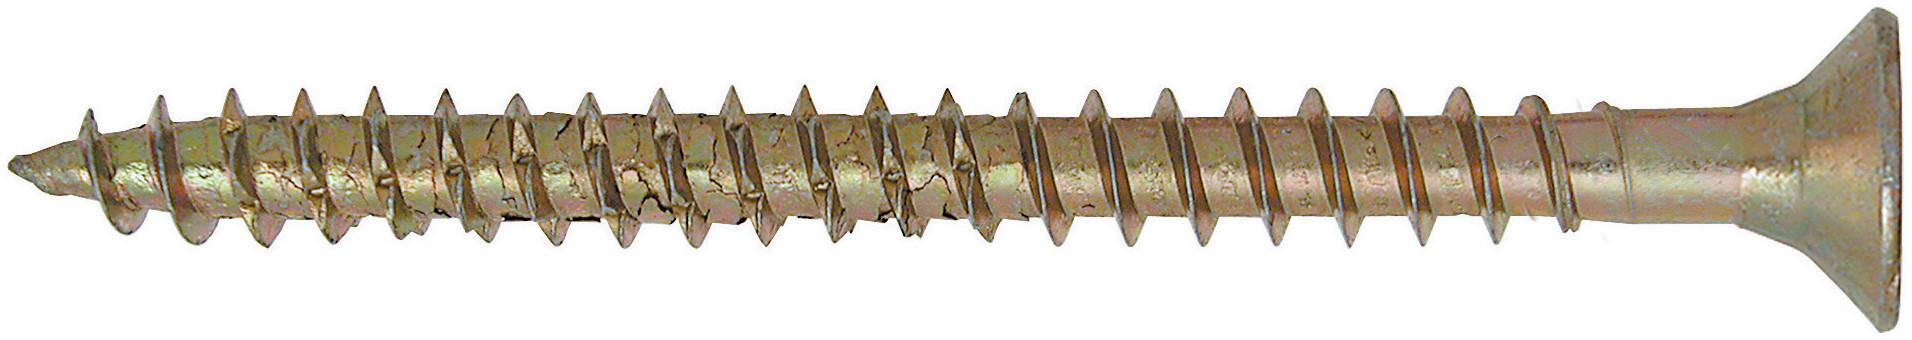 Opinie o Koelner Wkręty hartowane do drewna 4 x 20 mm, opakowanie 35 szt